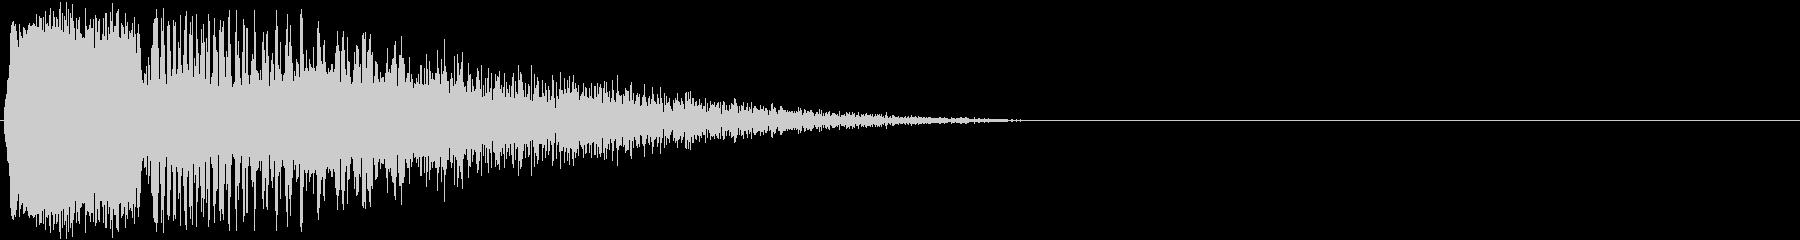 ビシューン(発射・レーザー攻撃・光線銃)の未再生の波形